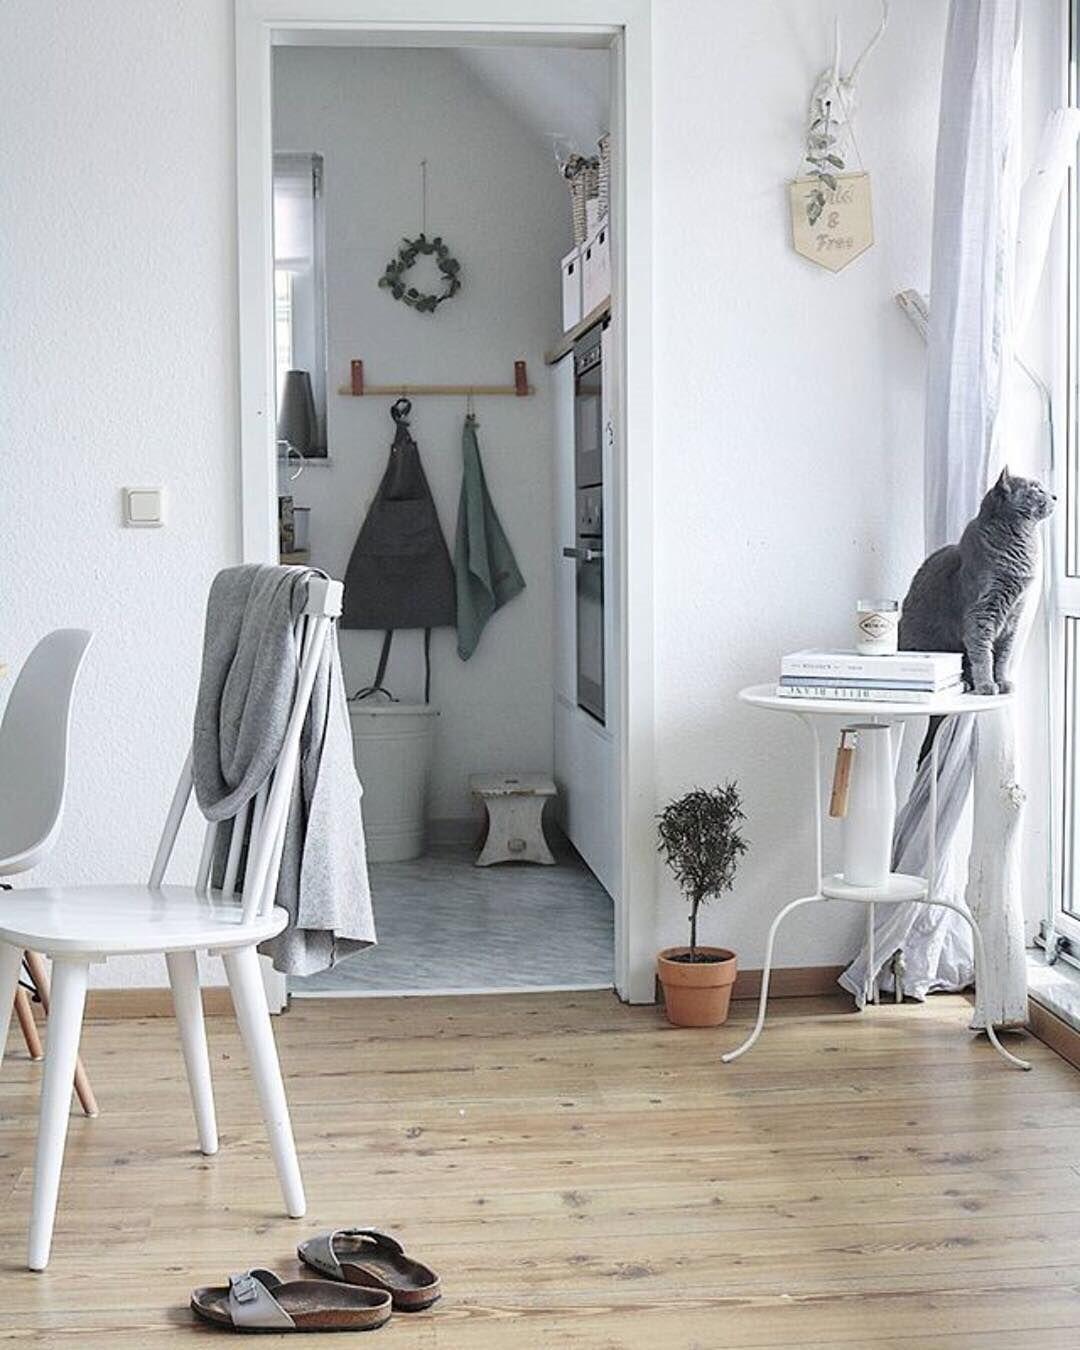 Diese Unverkennbar Nordischen Formen Stühle Lotta